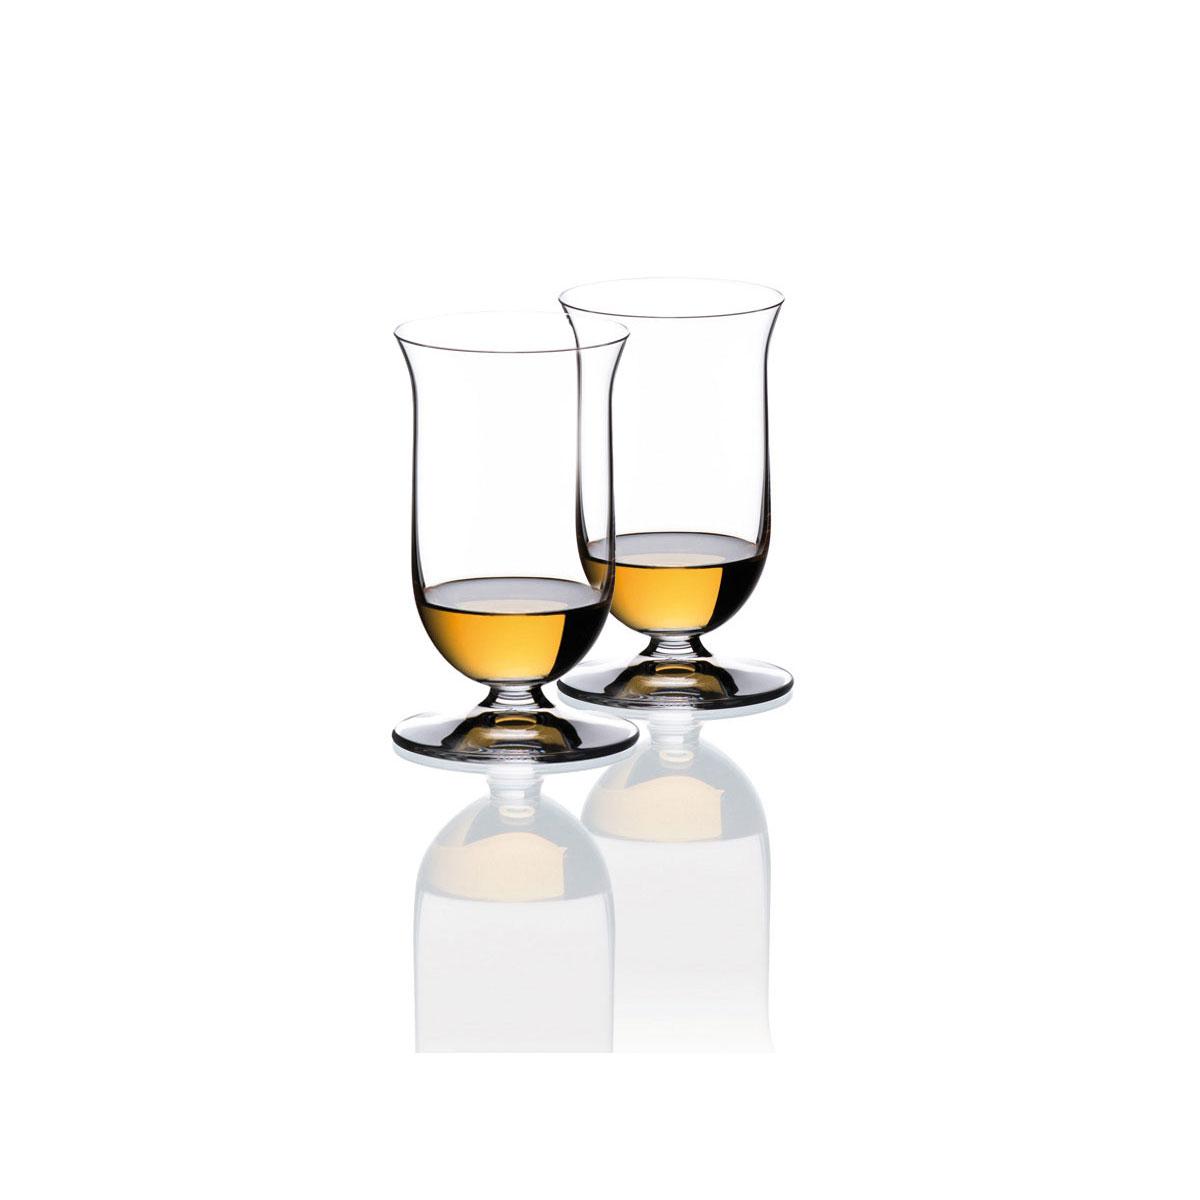 Riedel Vinum, Single Malt Whiskey Glasses, Pair